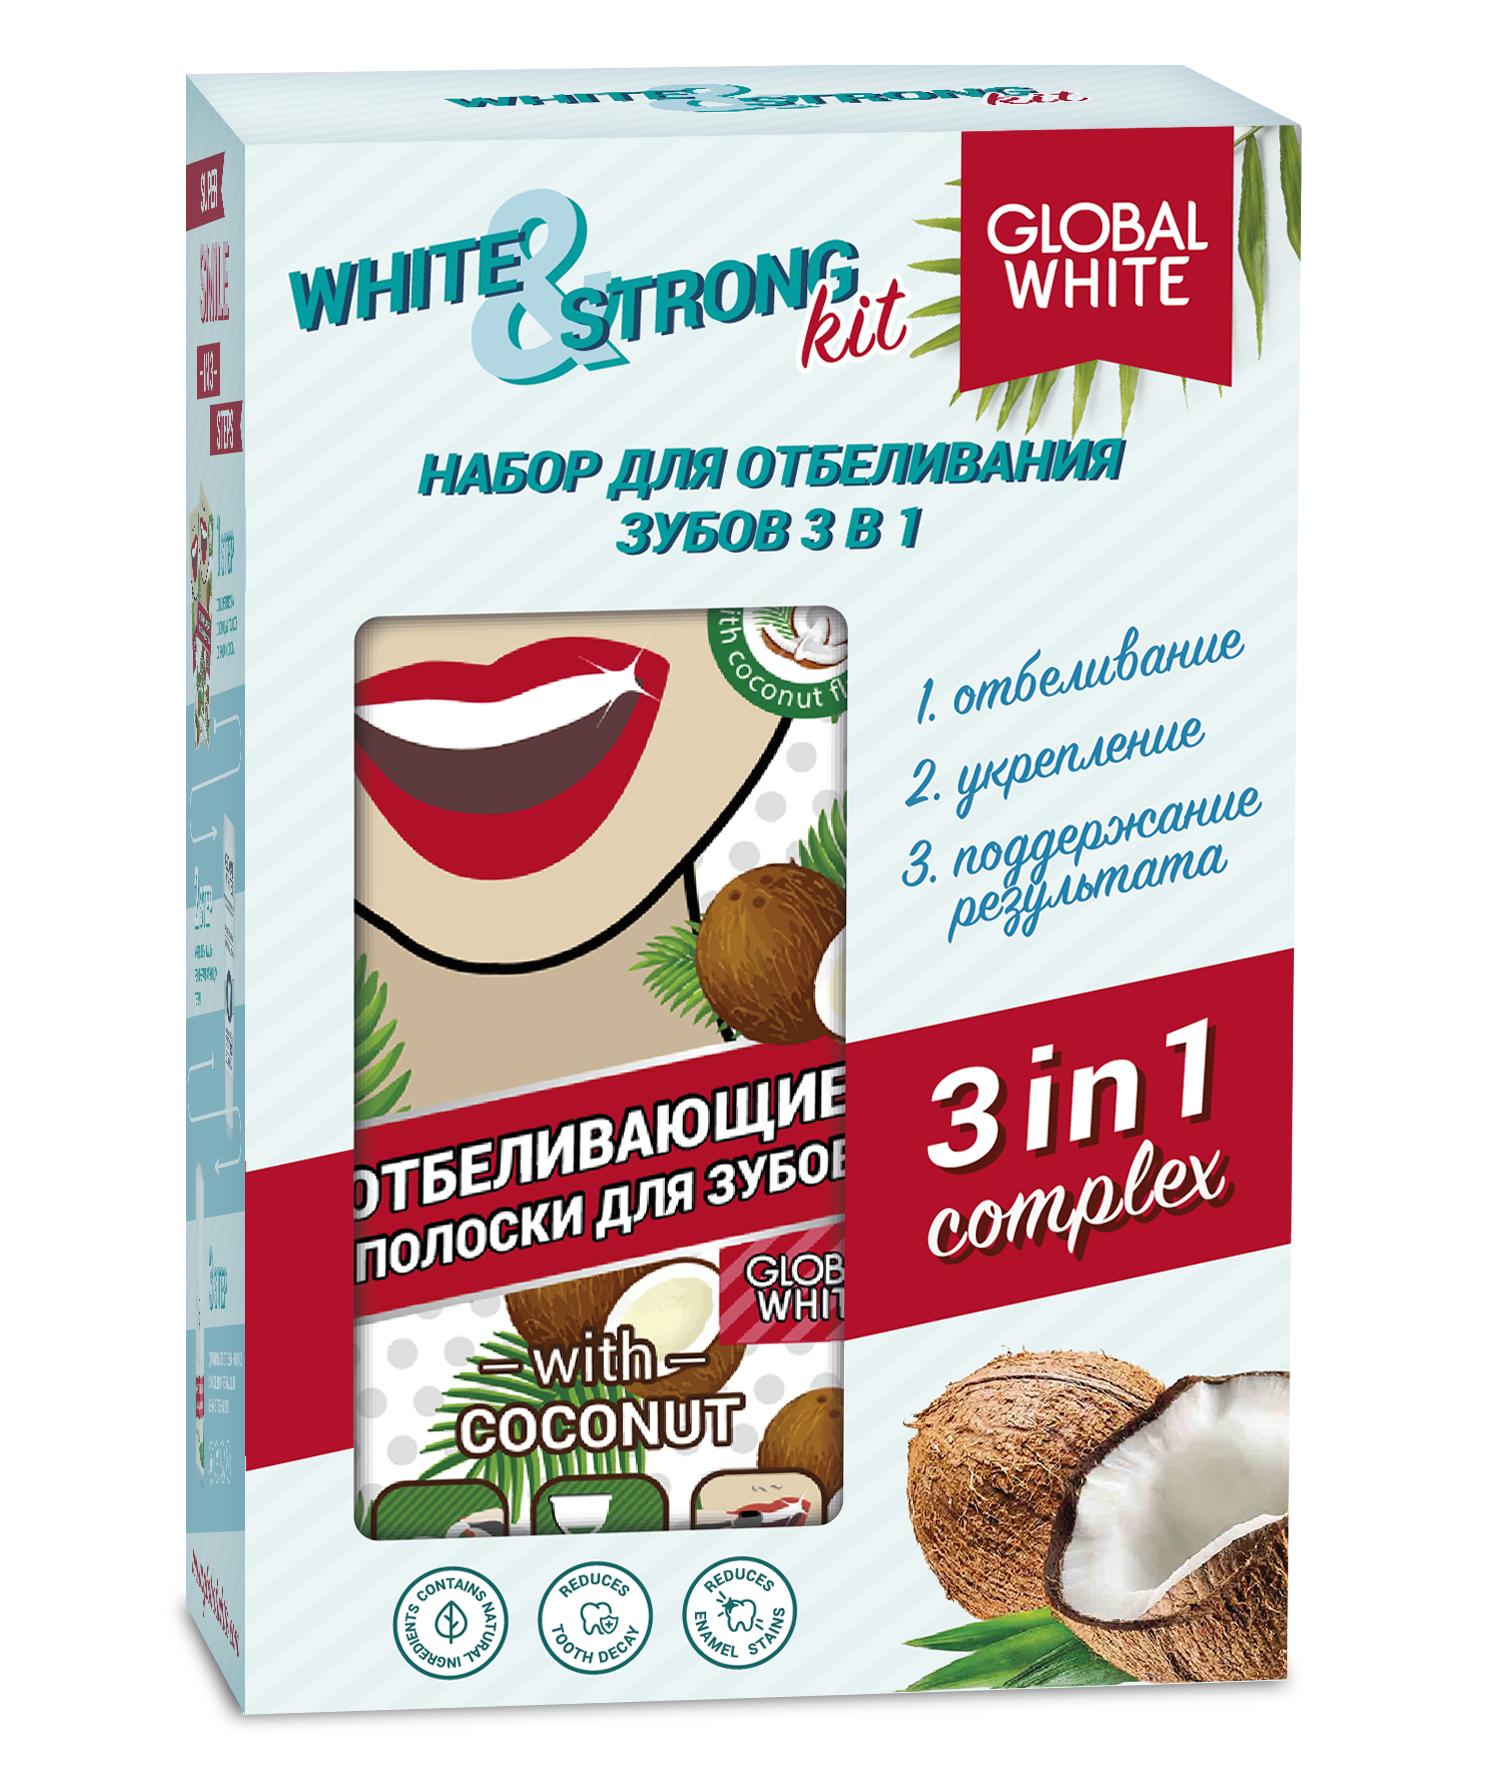 Купить GLOBAL WHITE Набор для отбеливания и реминерализации для зубов (полоски отбеливающие 7 шт, гель 40 мл, пенка 50 мл) WHITE & STRONG